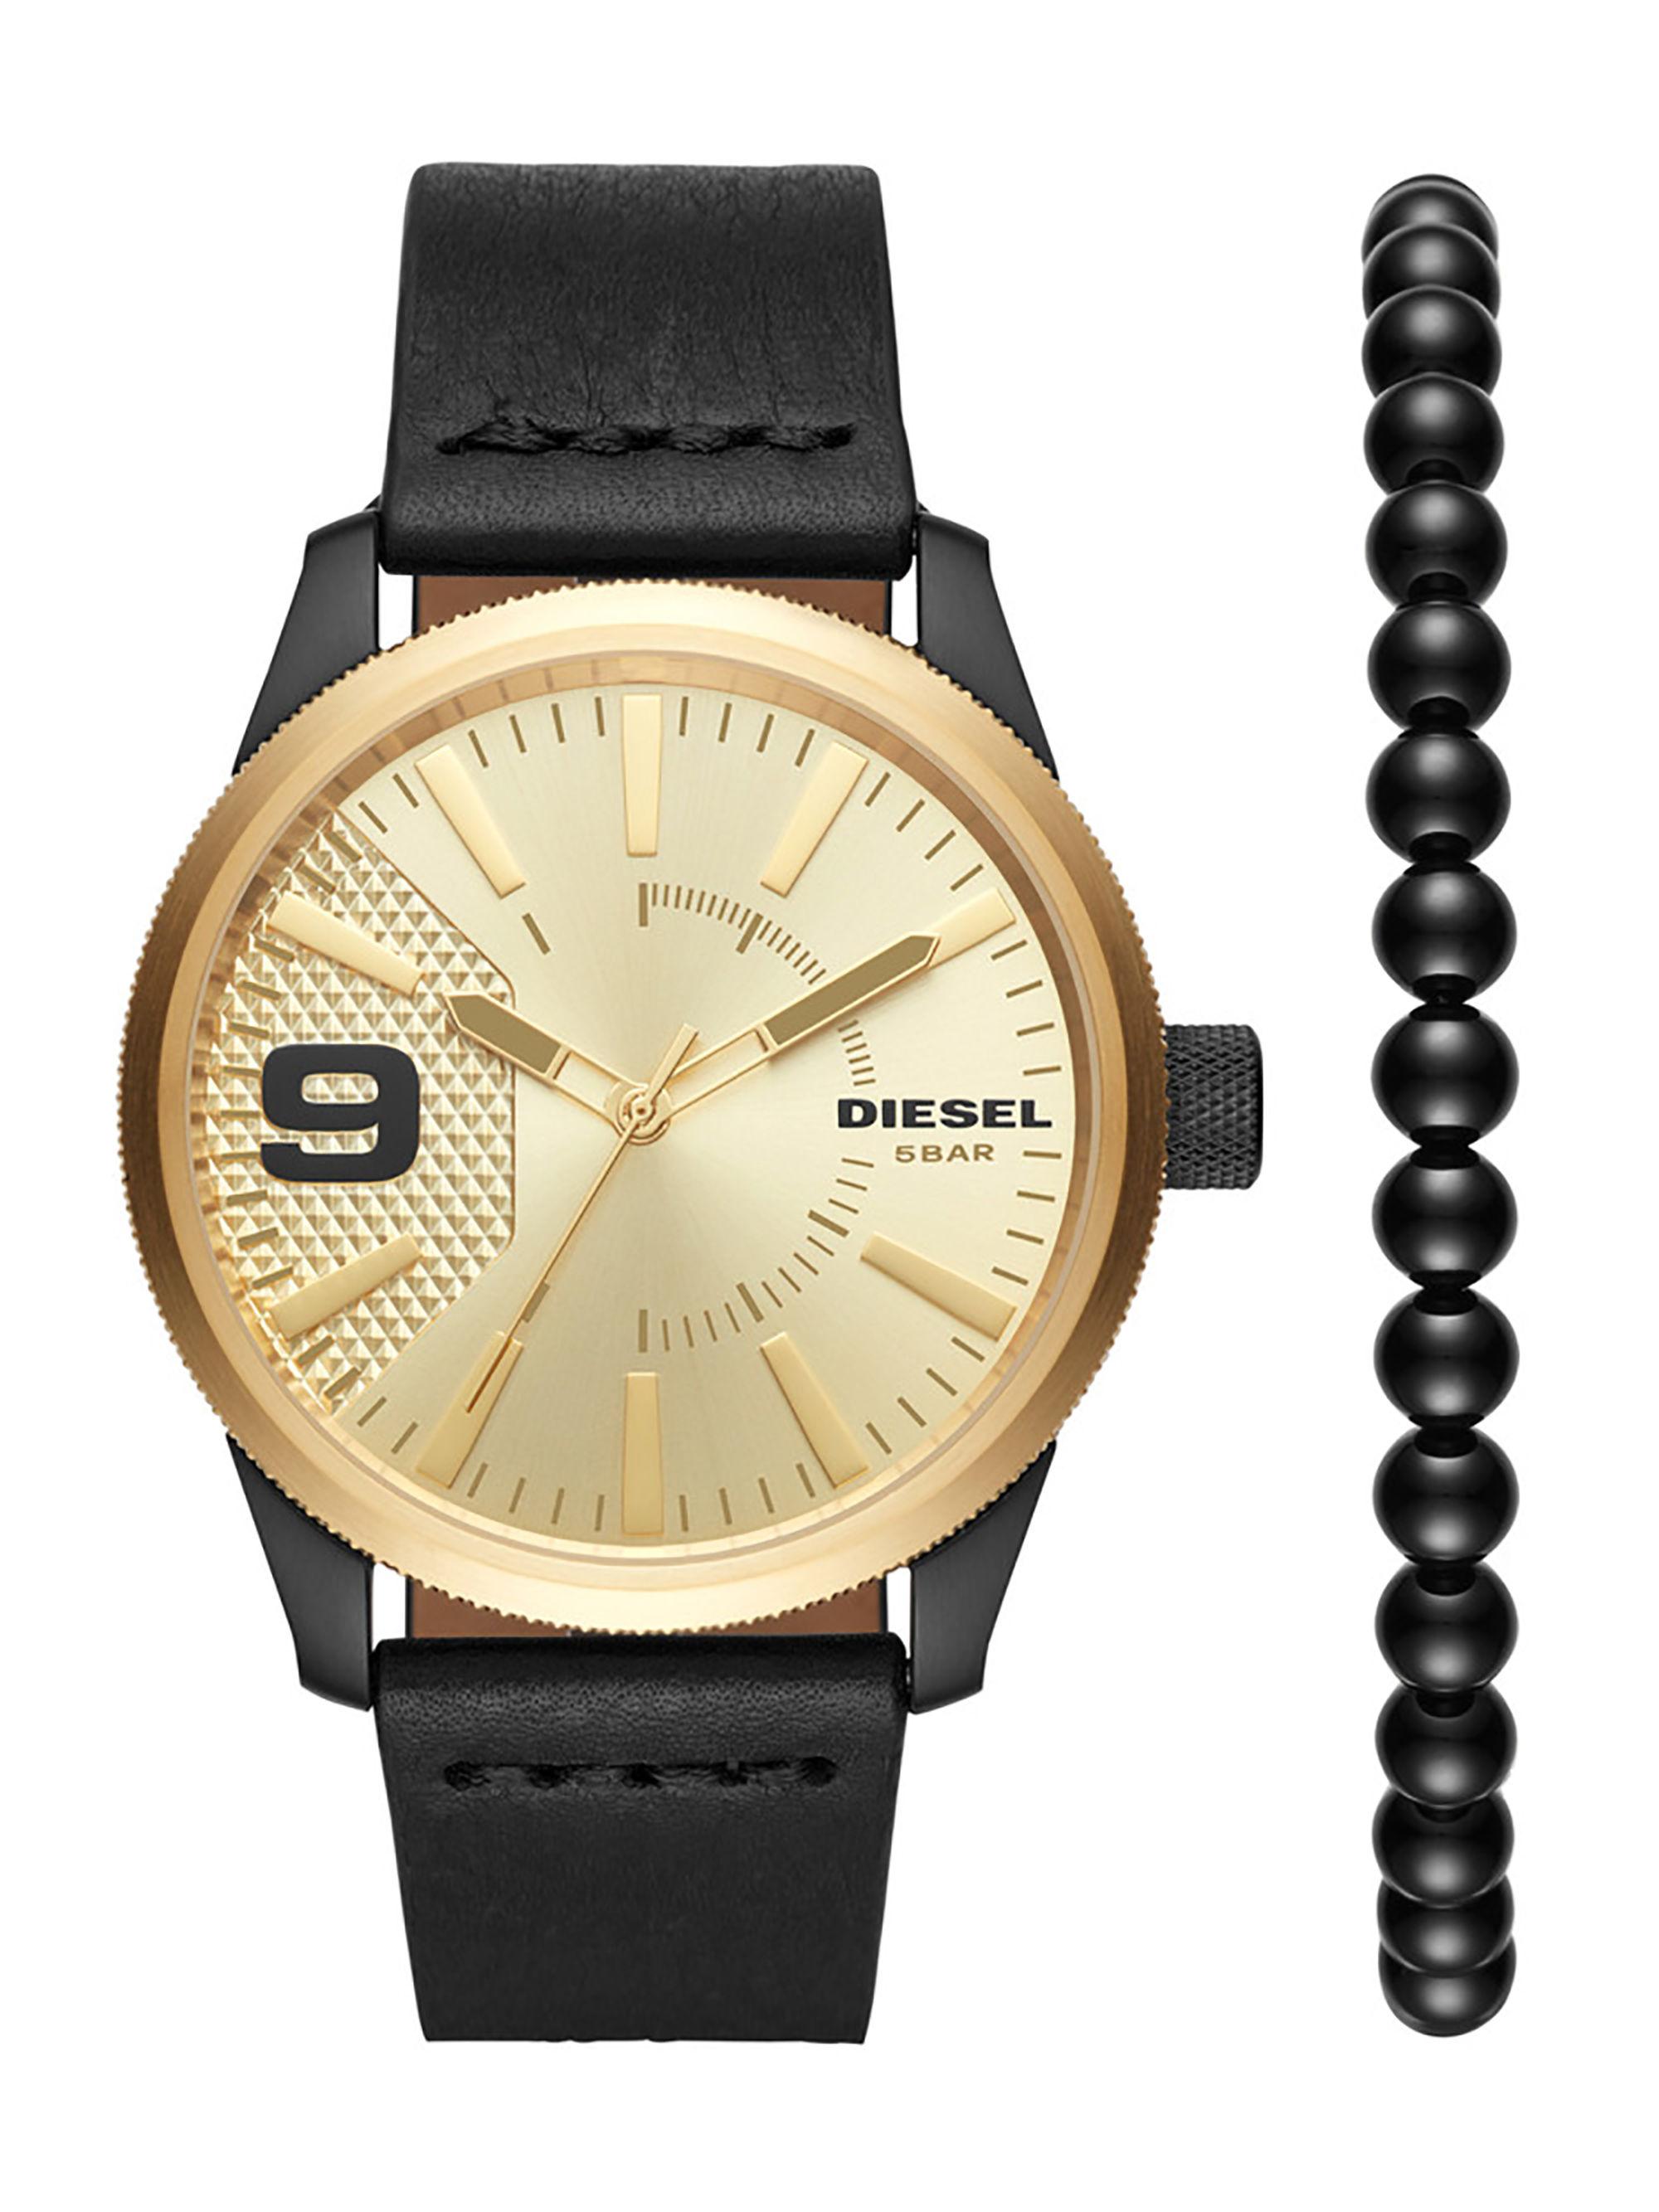 นาฬิกาผู้ชาย Diesel รุ่น DZ1840, Rasp Leather Men's Watch